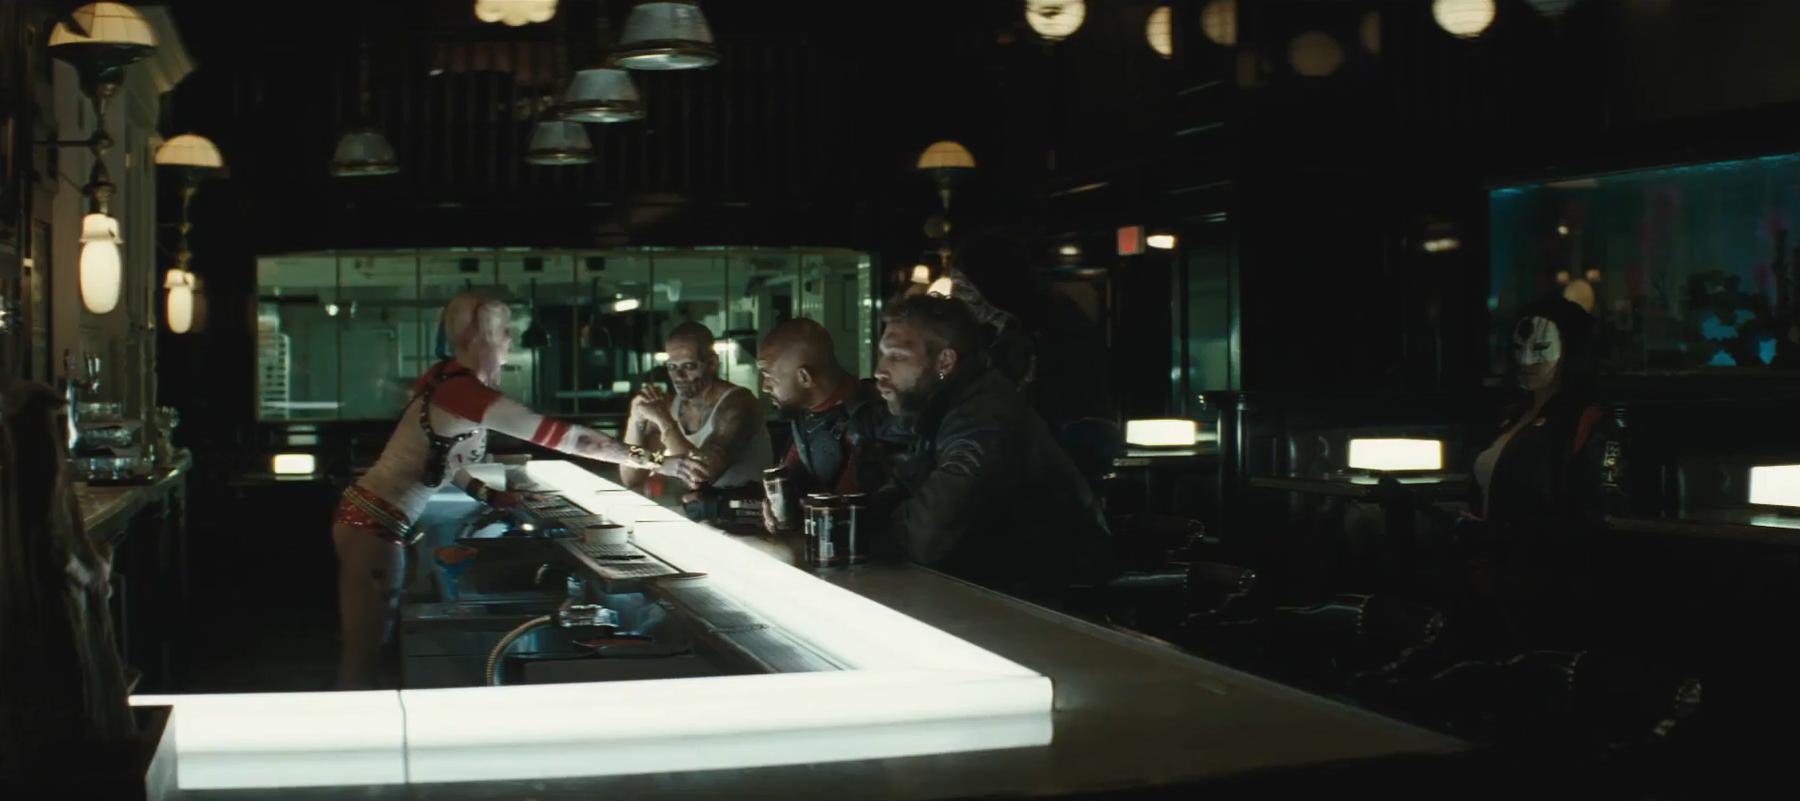 Recensione di Suicide Squad- Il cast in un bar nel film